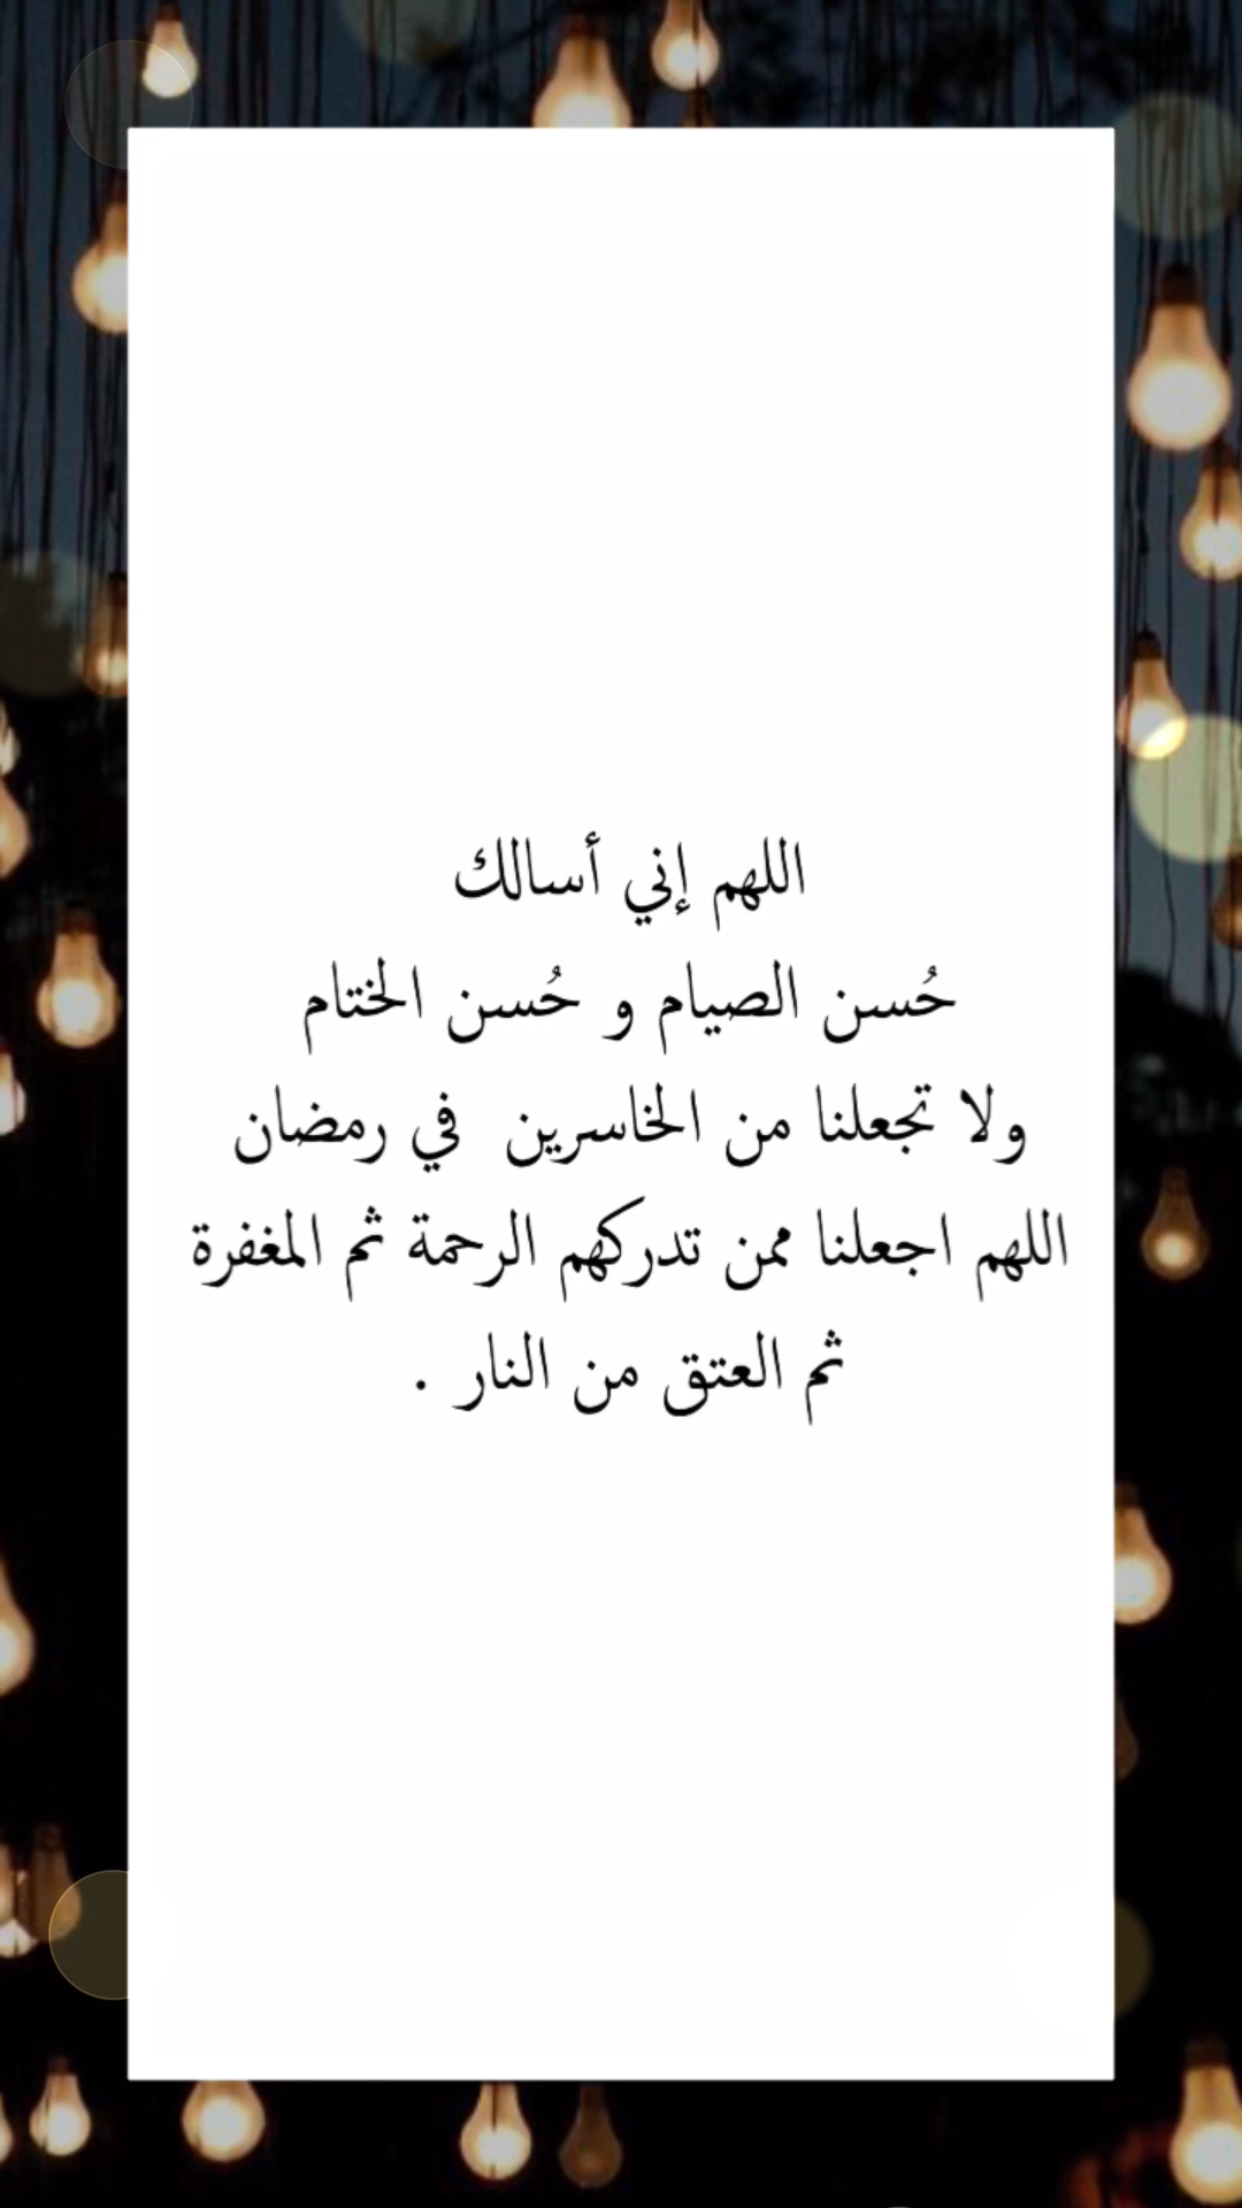 رمضان دعاء دعاء رمضان Beautiful Islamic Quotes Ramadan Islamic Quotes